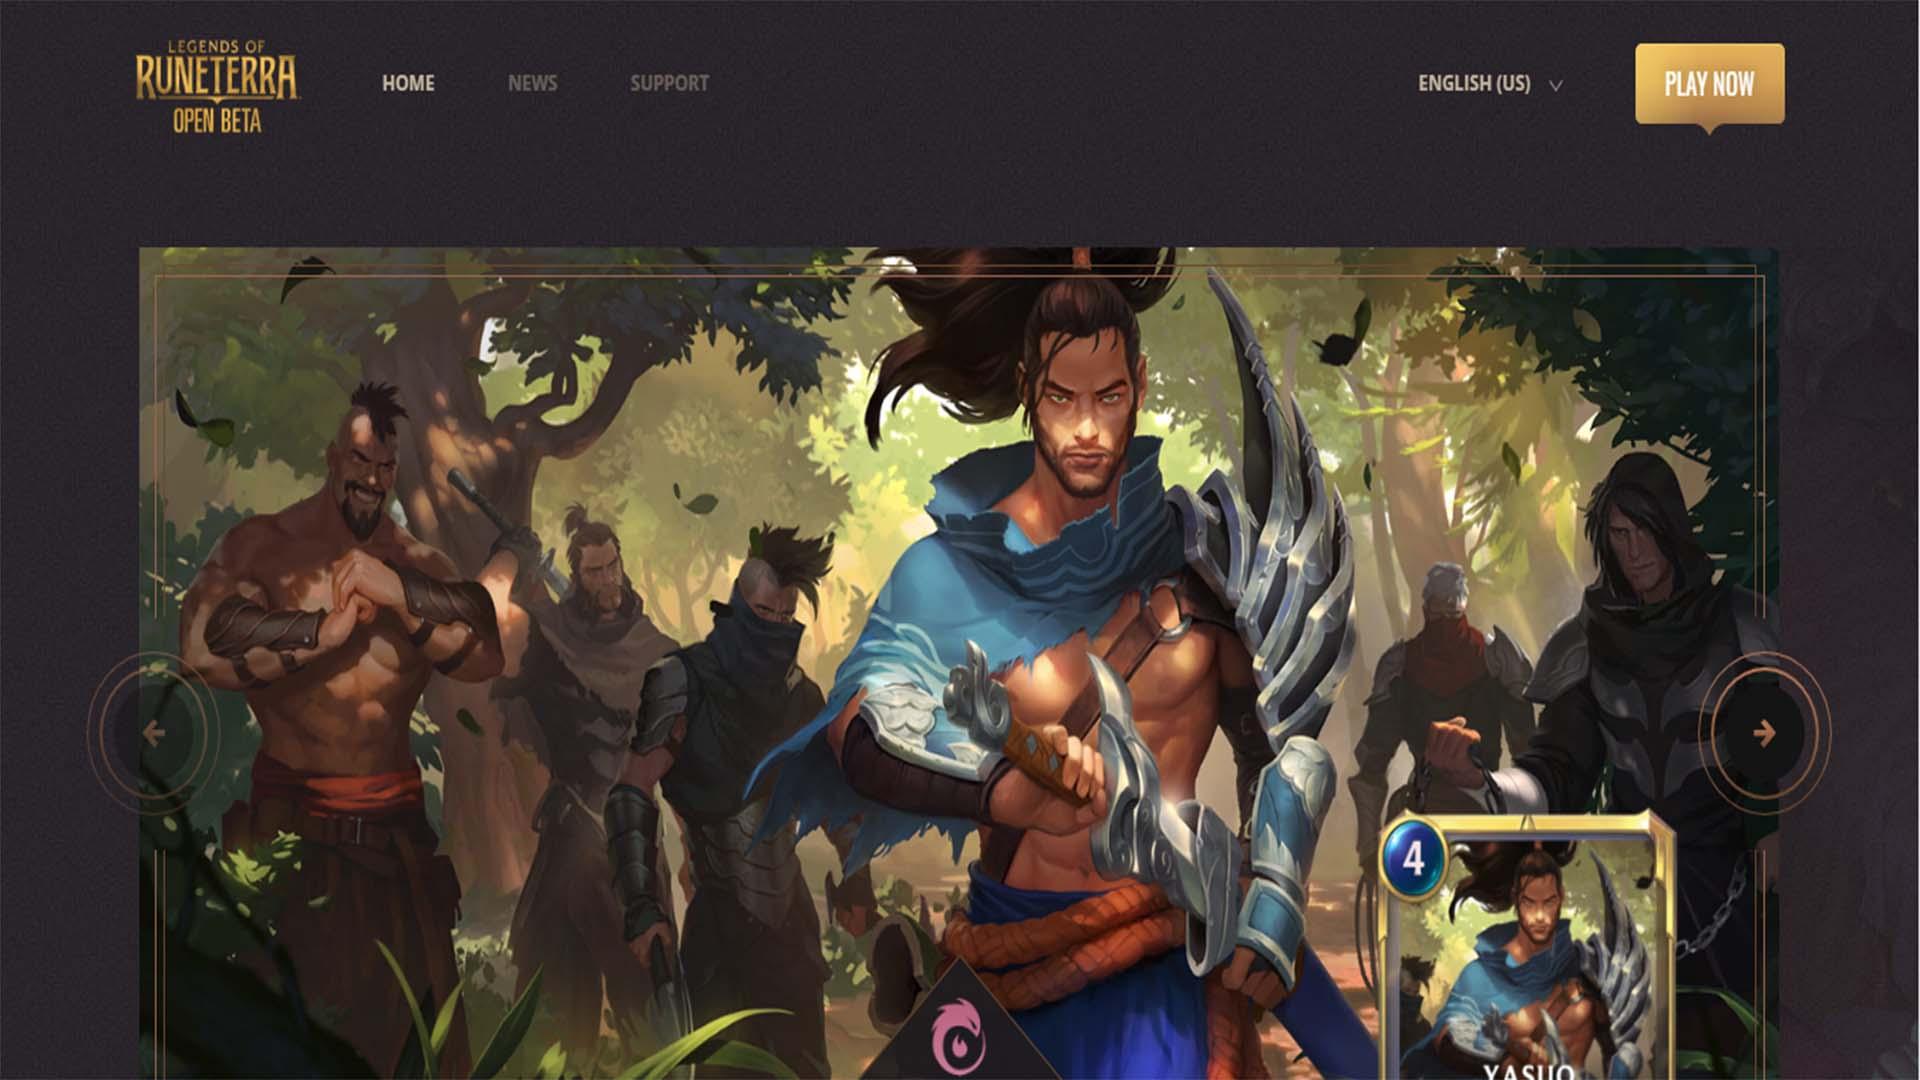 الدخول على الموقع الرسمي الخاص باللعبة https://playruneterra